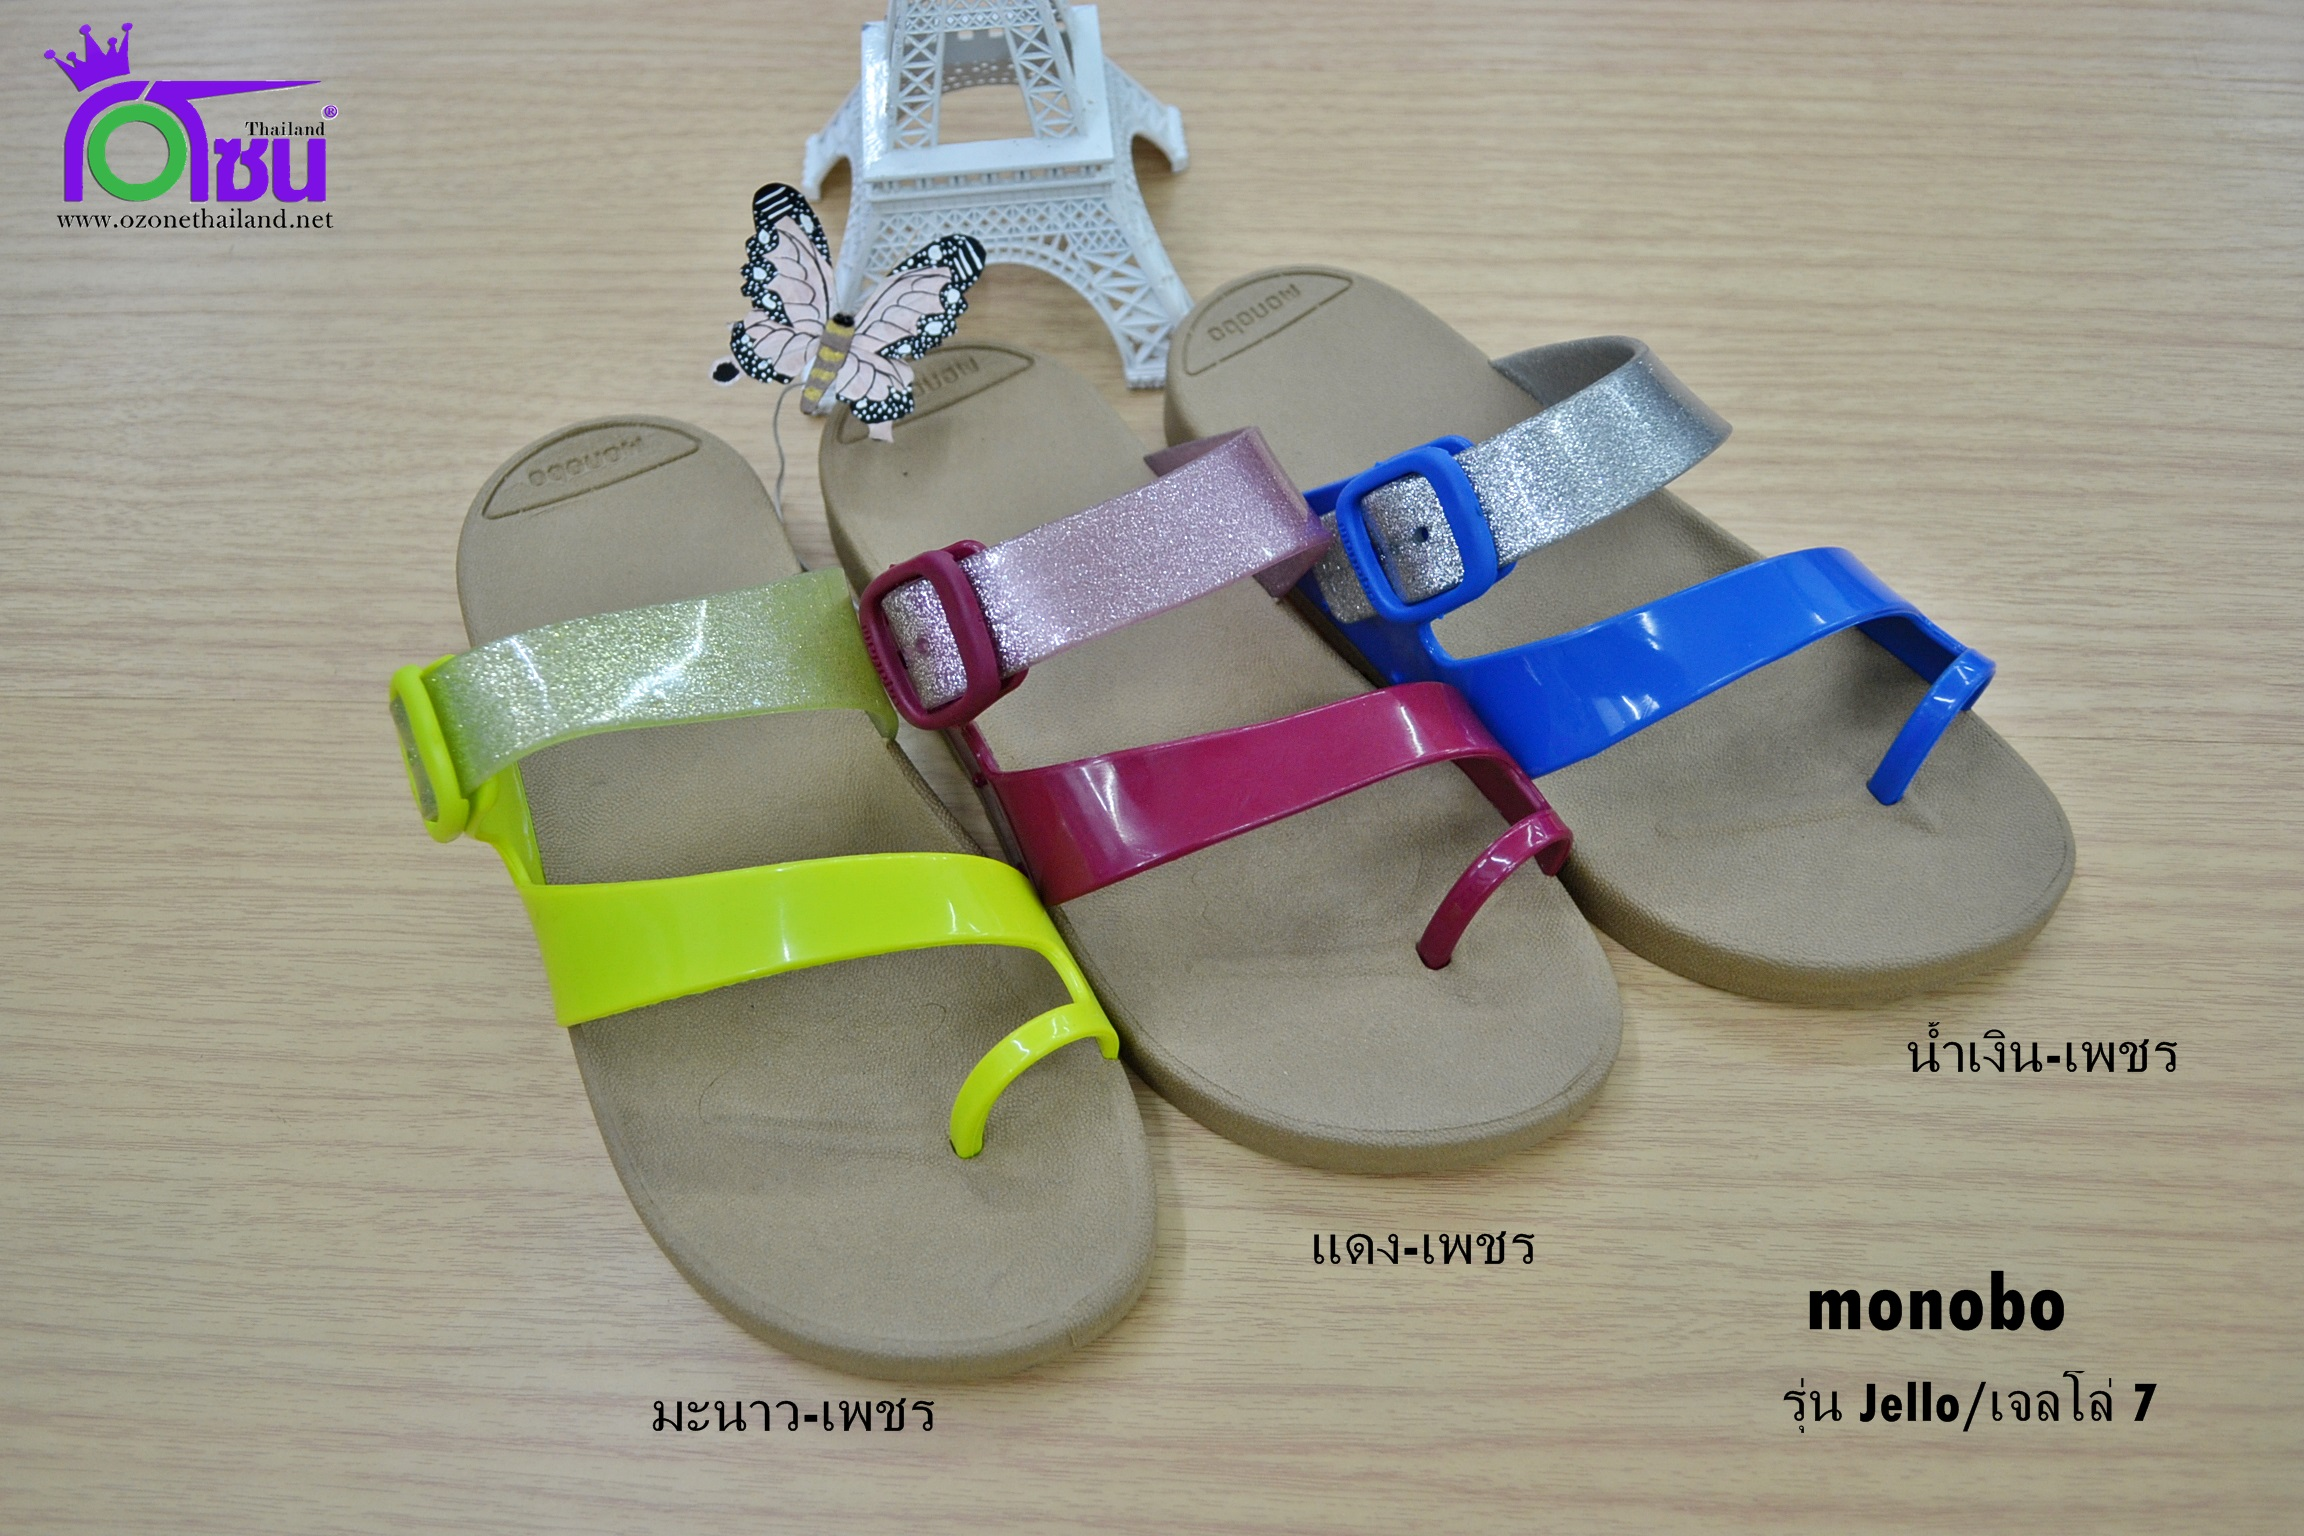 รองเท้า MONOBO โมโนโบ้ รุ่น Jello เจลโล่7 เบอร์ 4-8